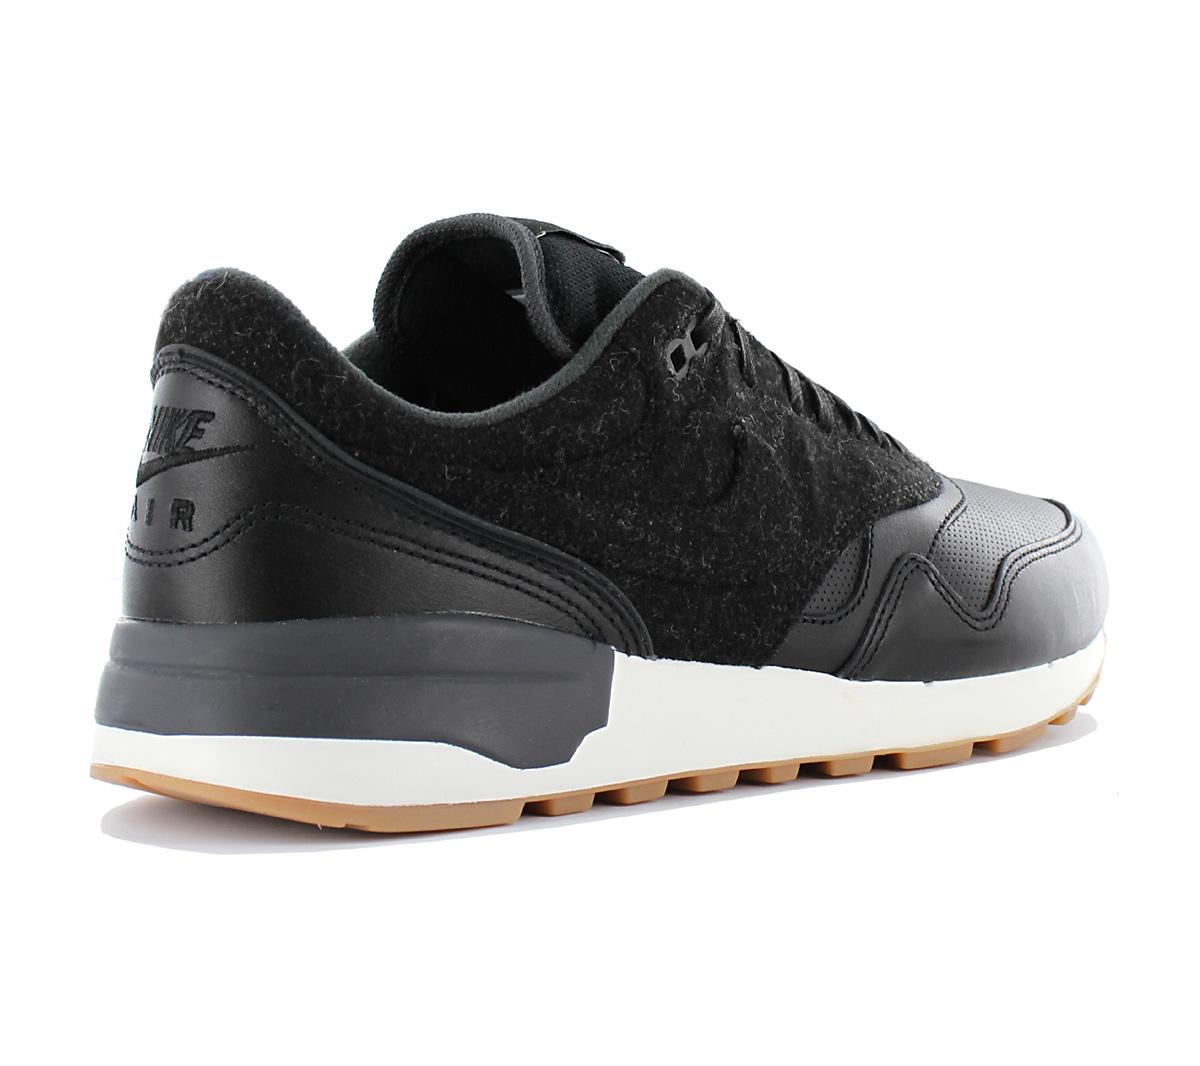 549aaf0107de Nike Air Odyssey LX Men s Sneakers Shoes Black Sneakers Leisure ...